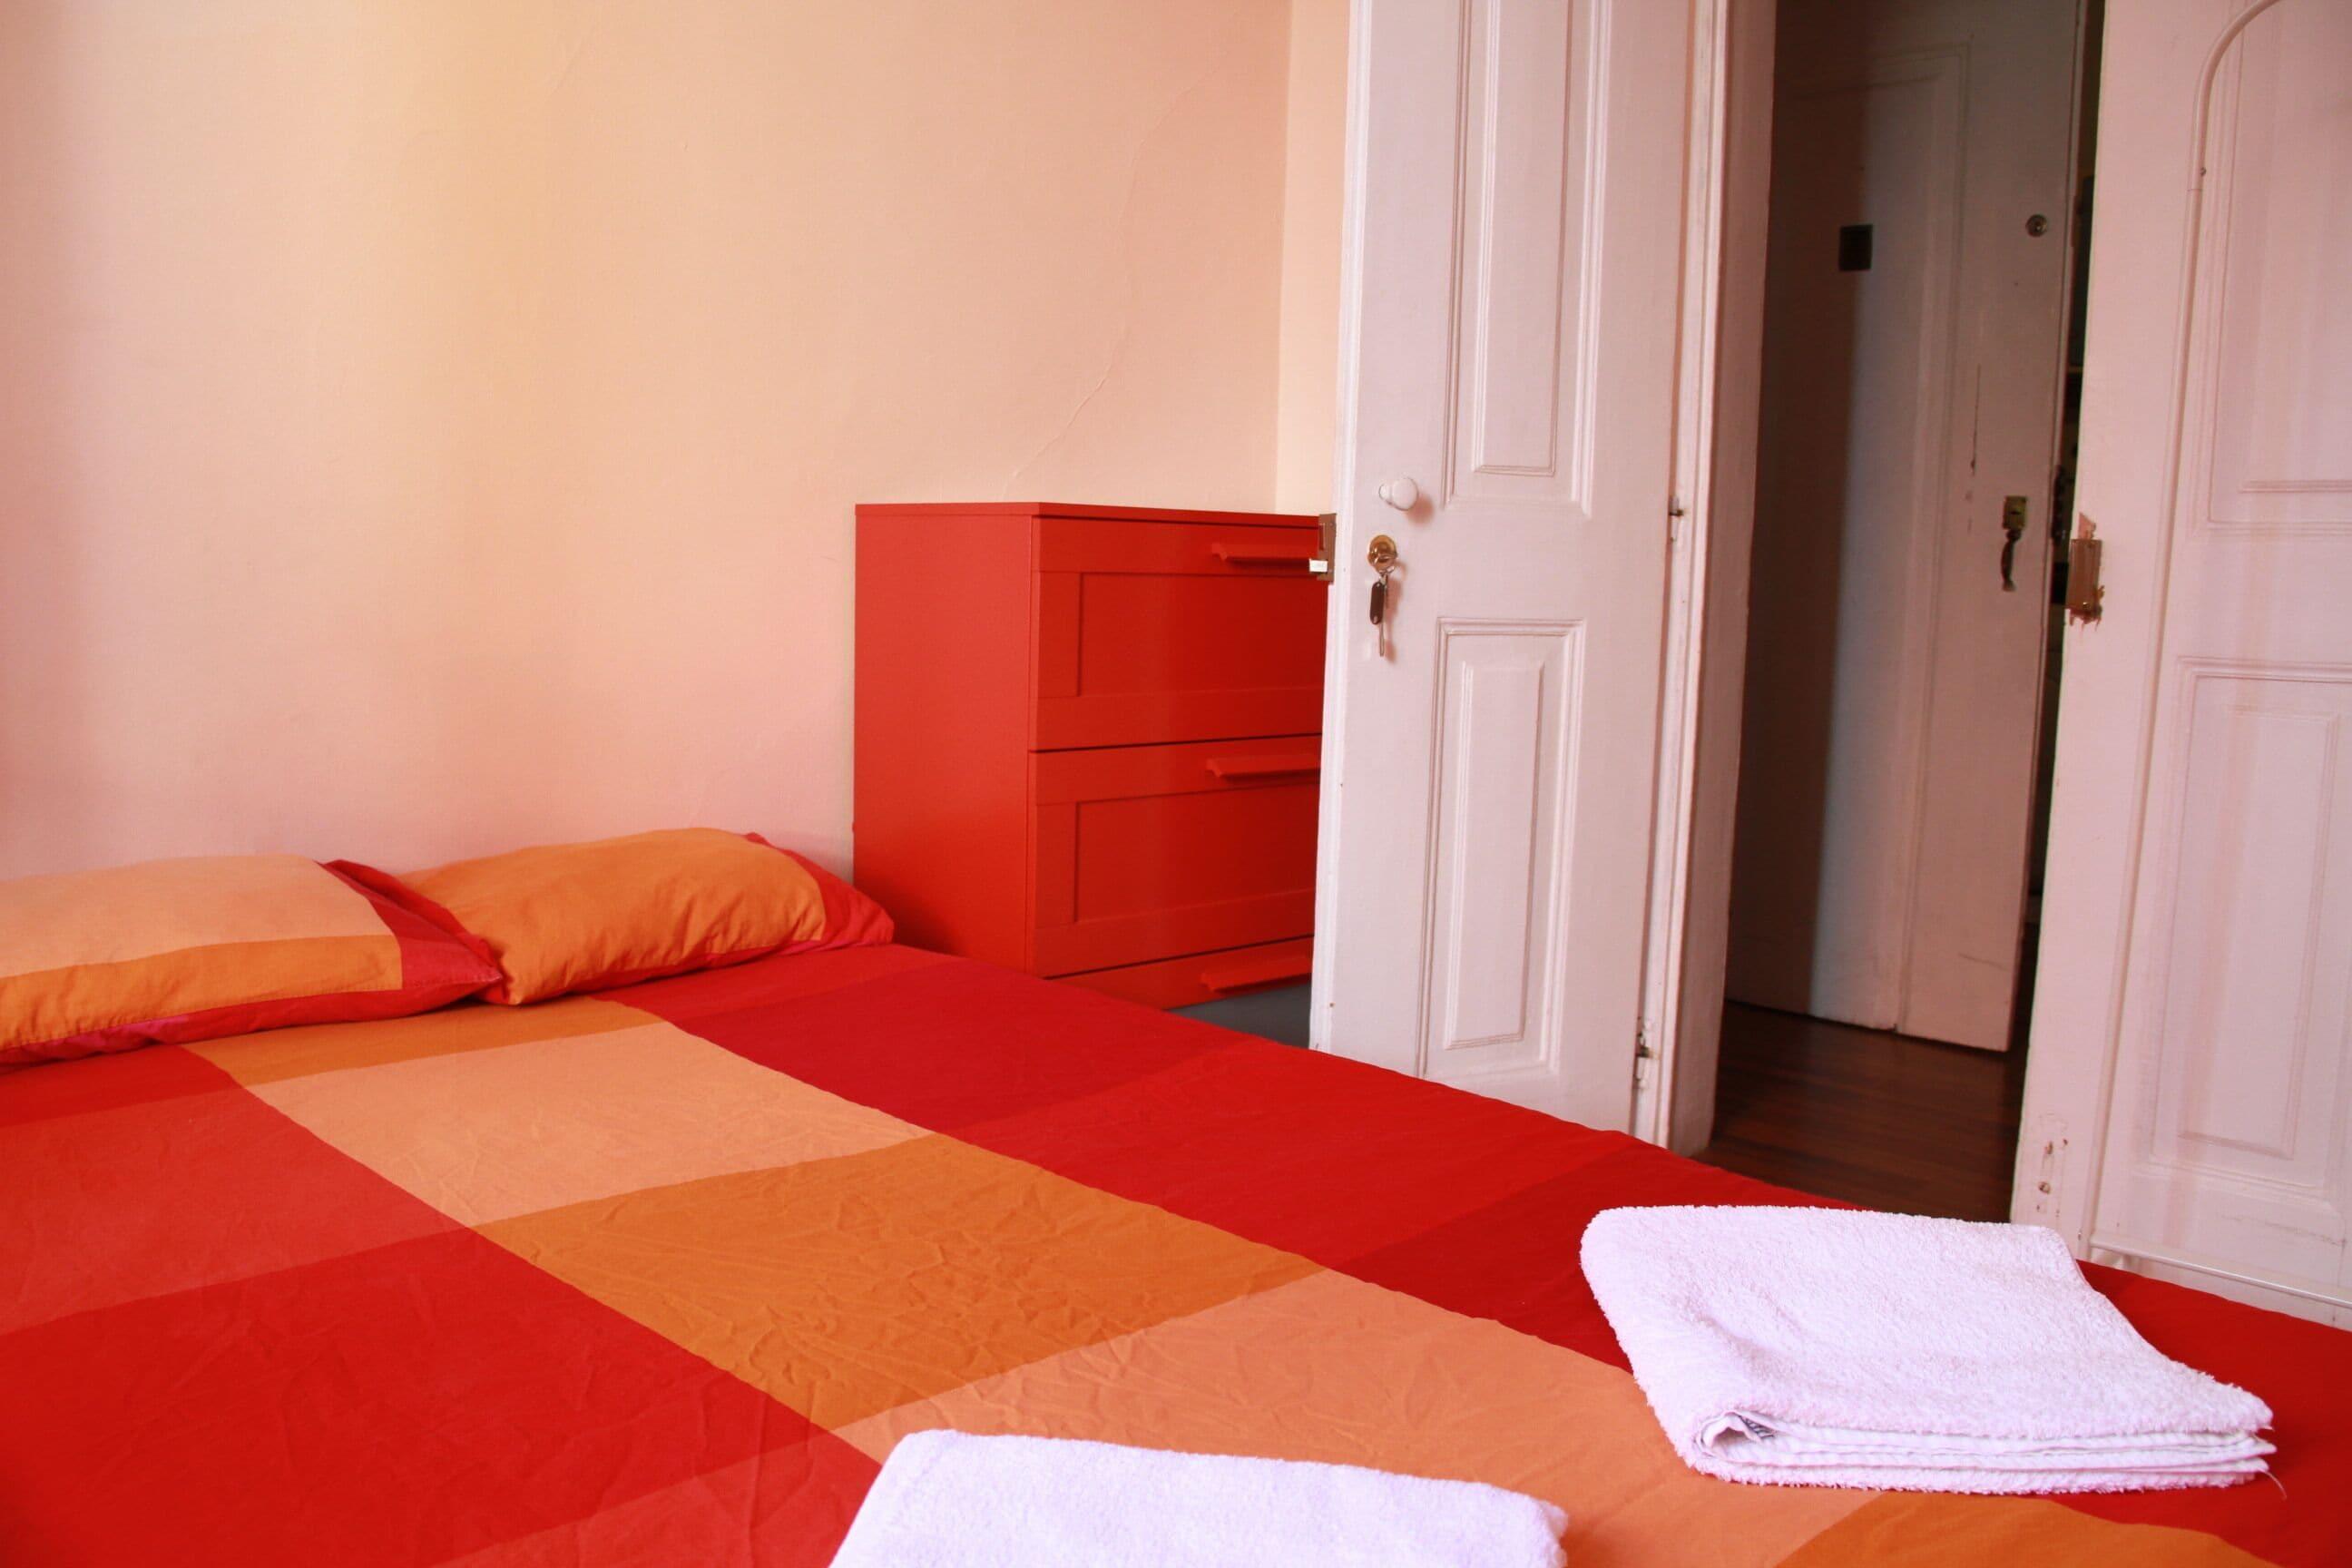 Room In Marechal Saldanha